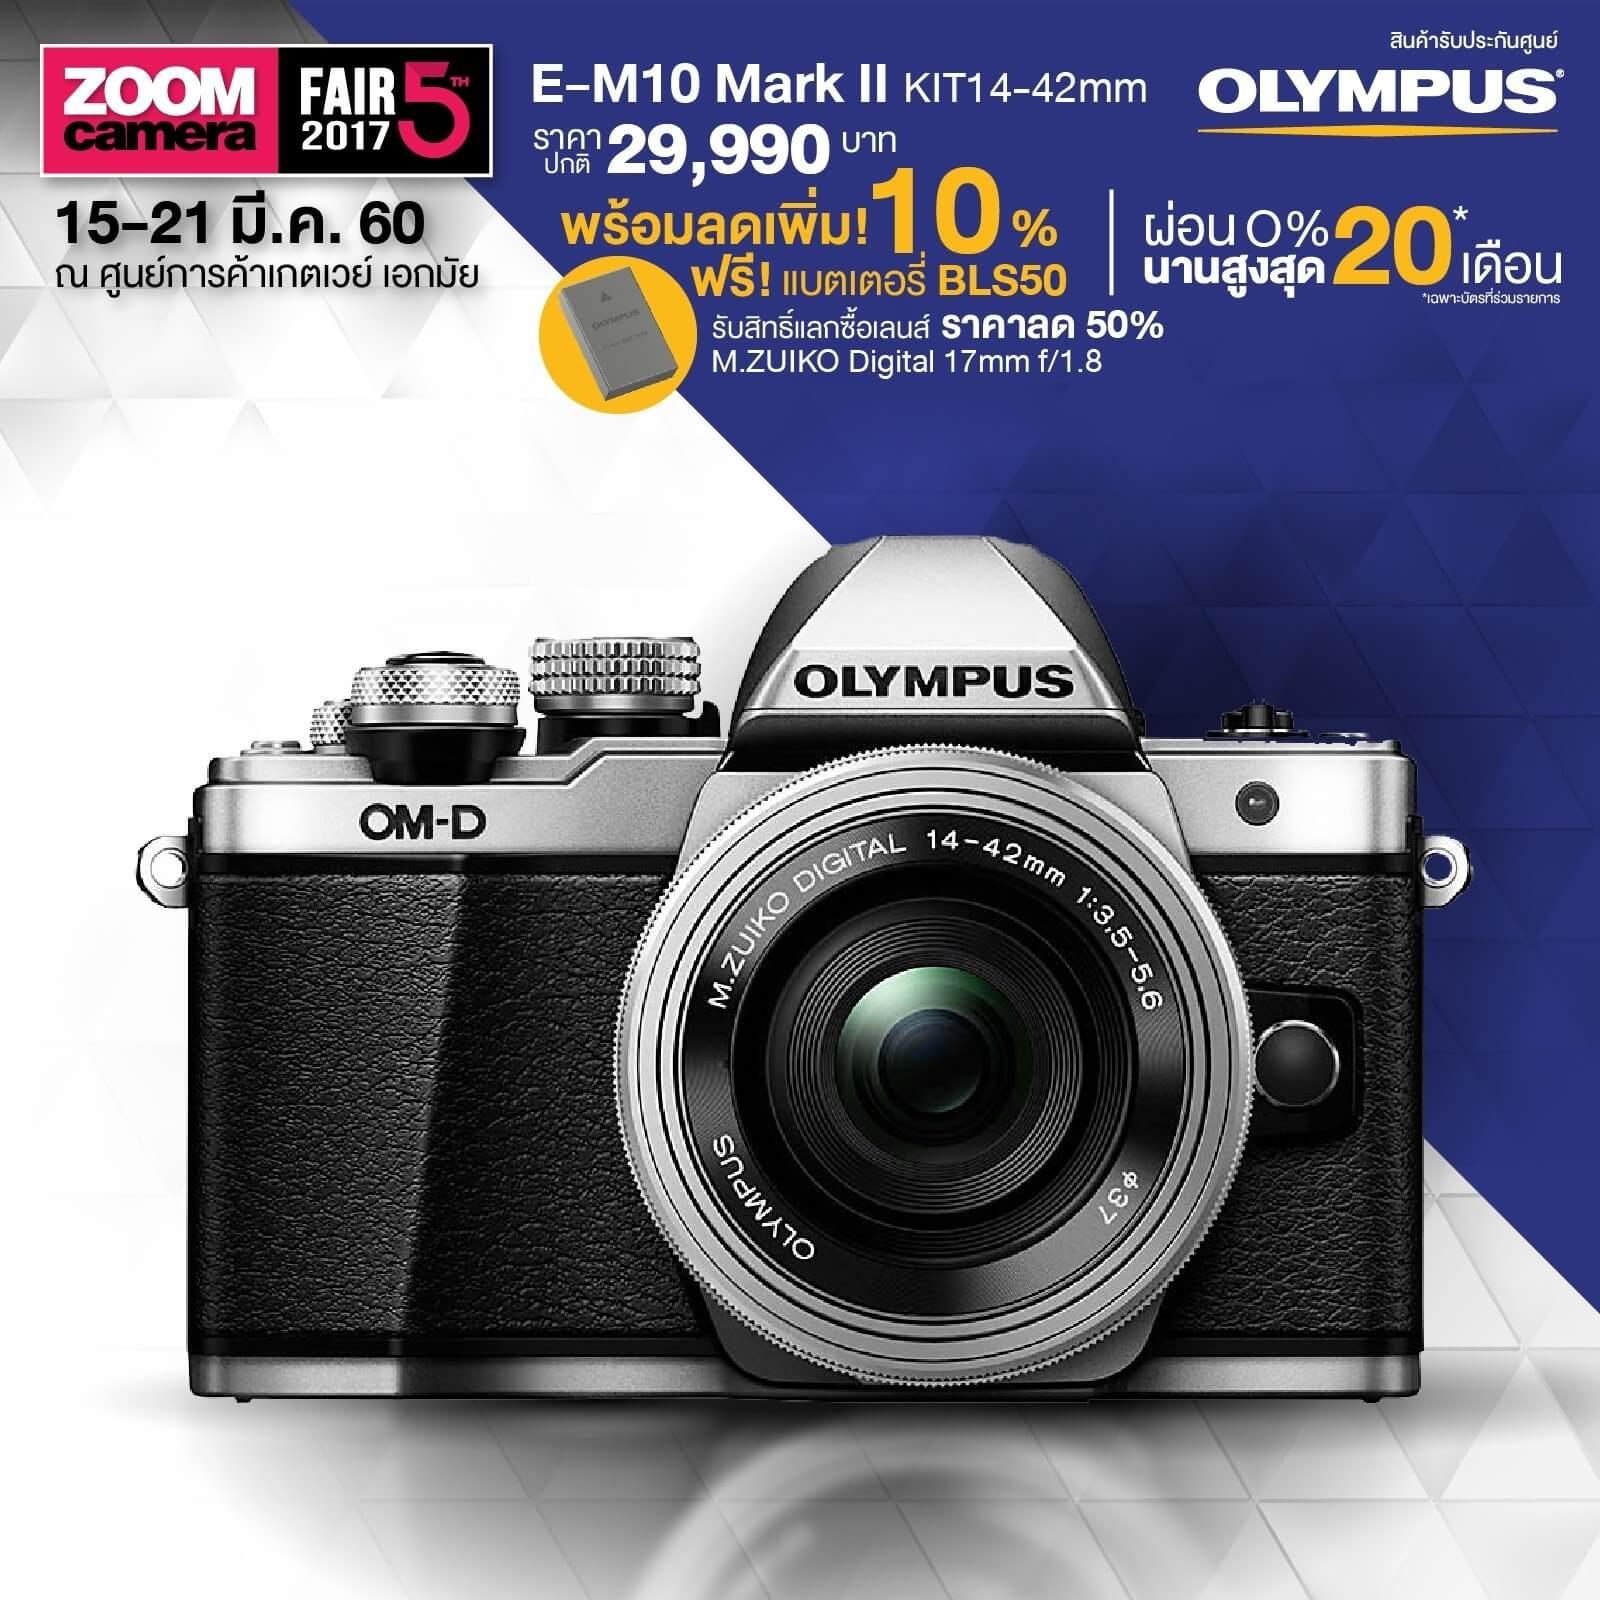 รวมโปรโมชั่น ZoomCamera Fair 2017 ครั้งที่ 5 วันที่ 15-21 มีนาคม 2560 [อัพเดตเรื่อย ๆ จนจบงาน]